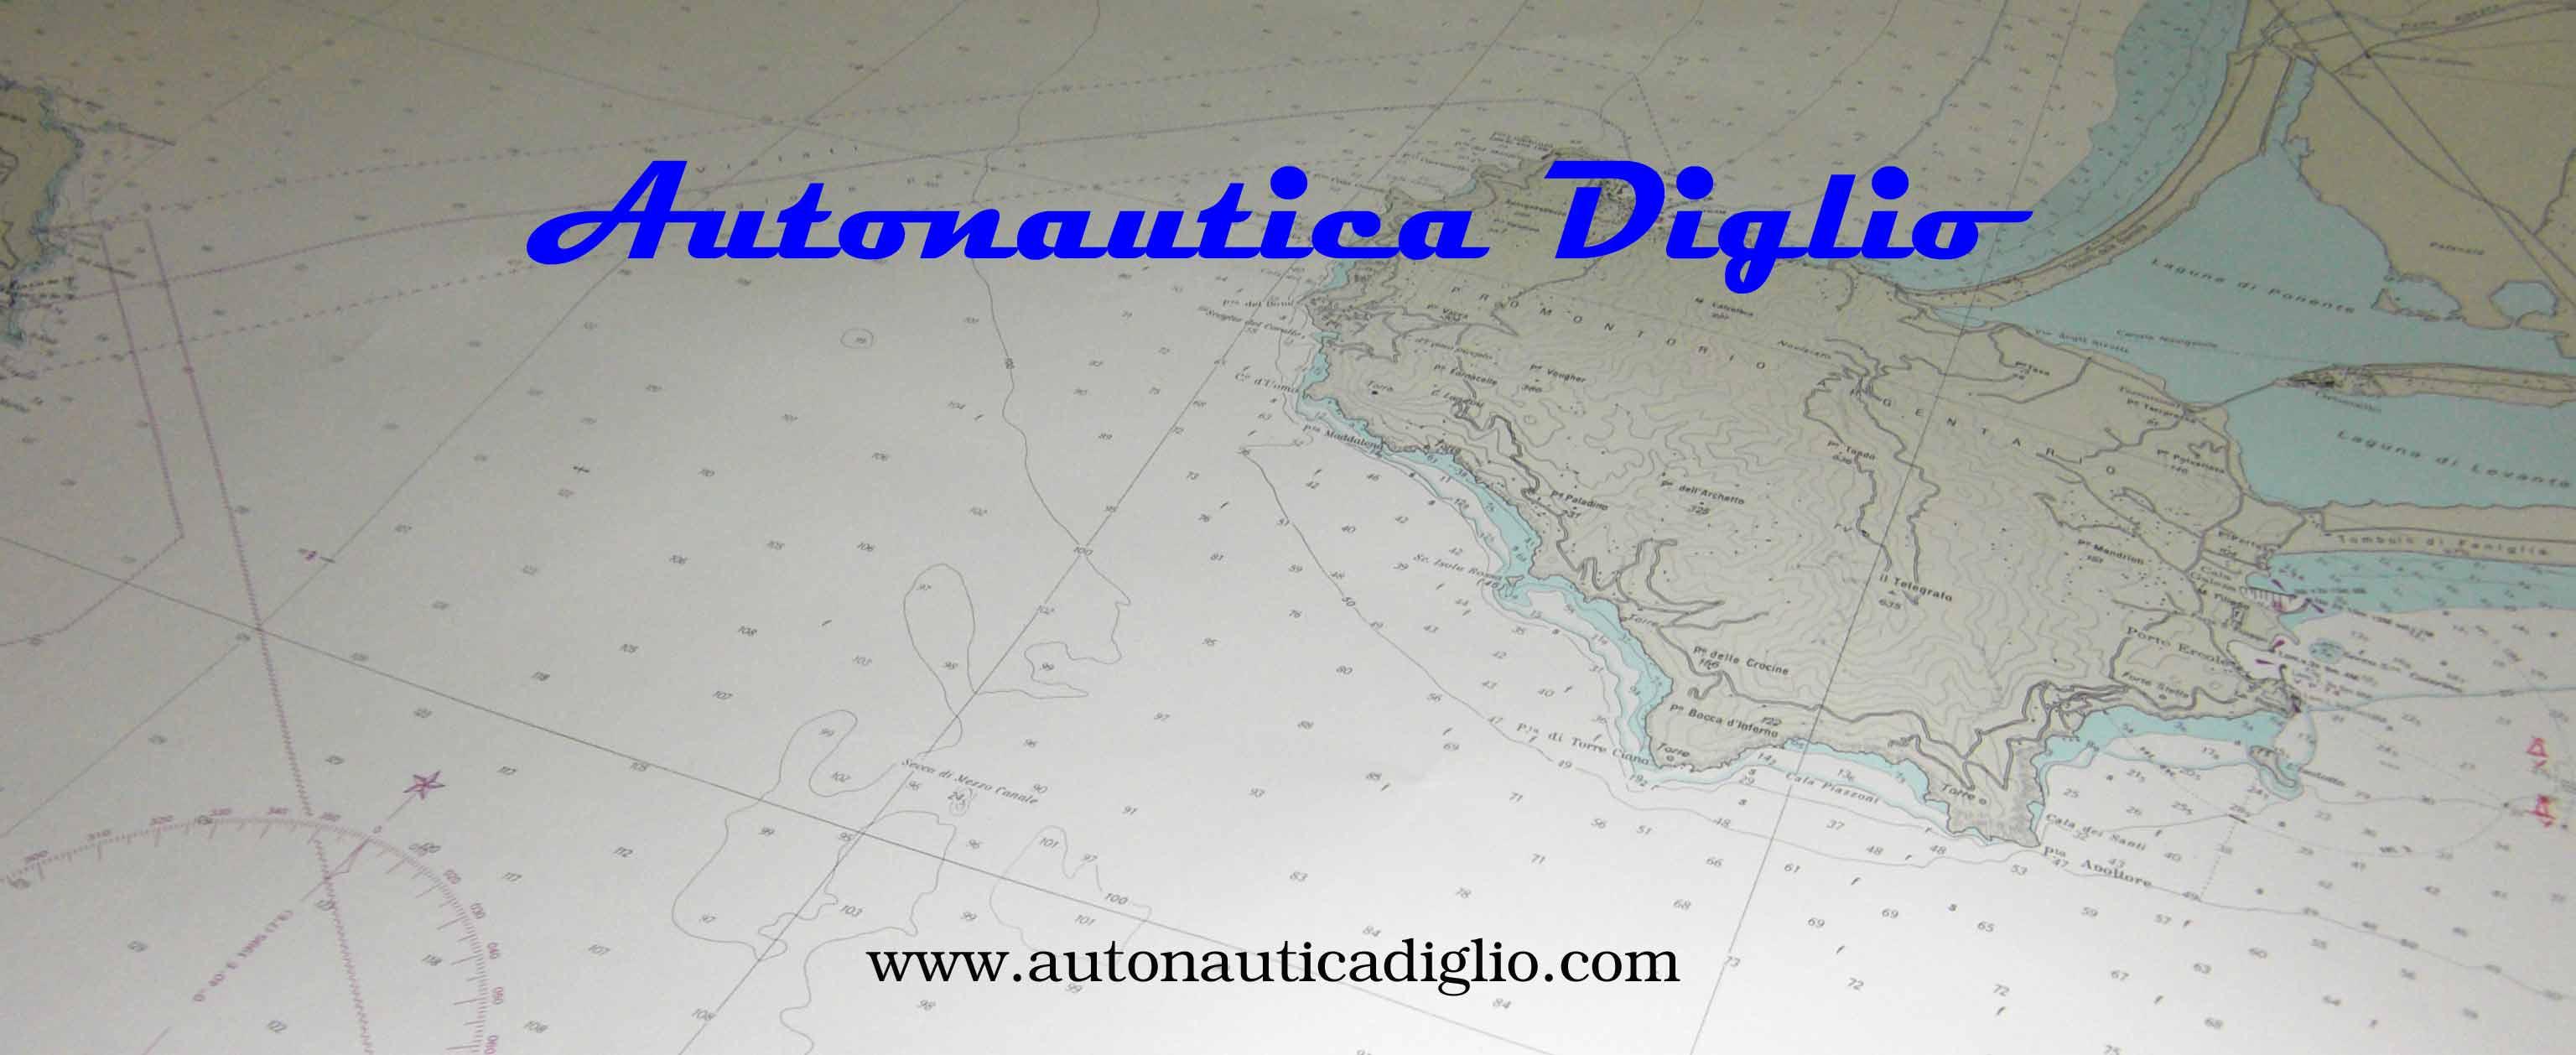 AUTONAUTICA DIGLIO